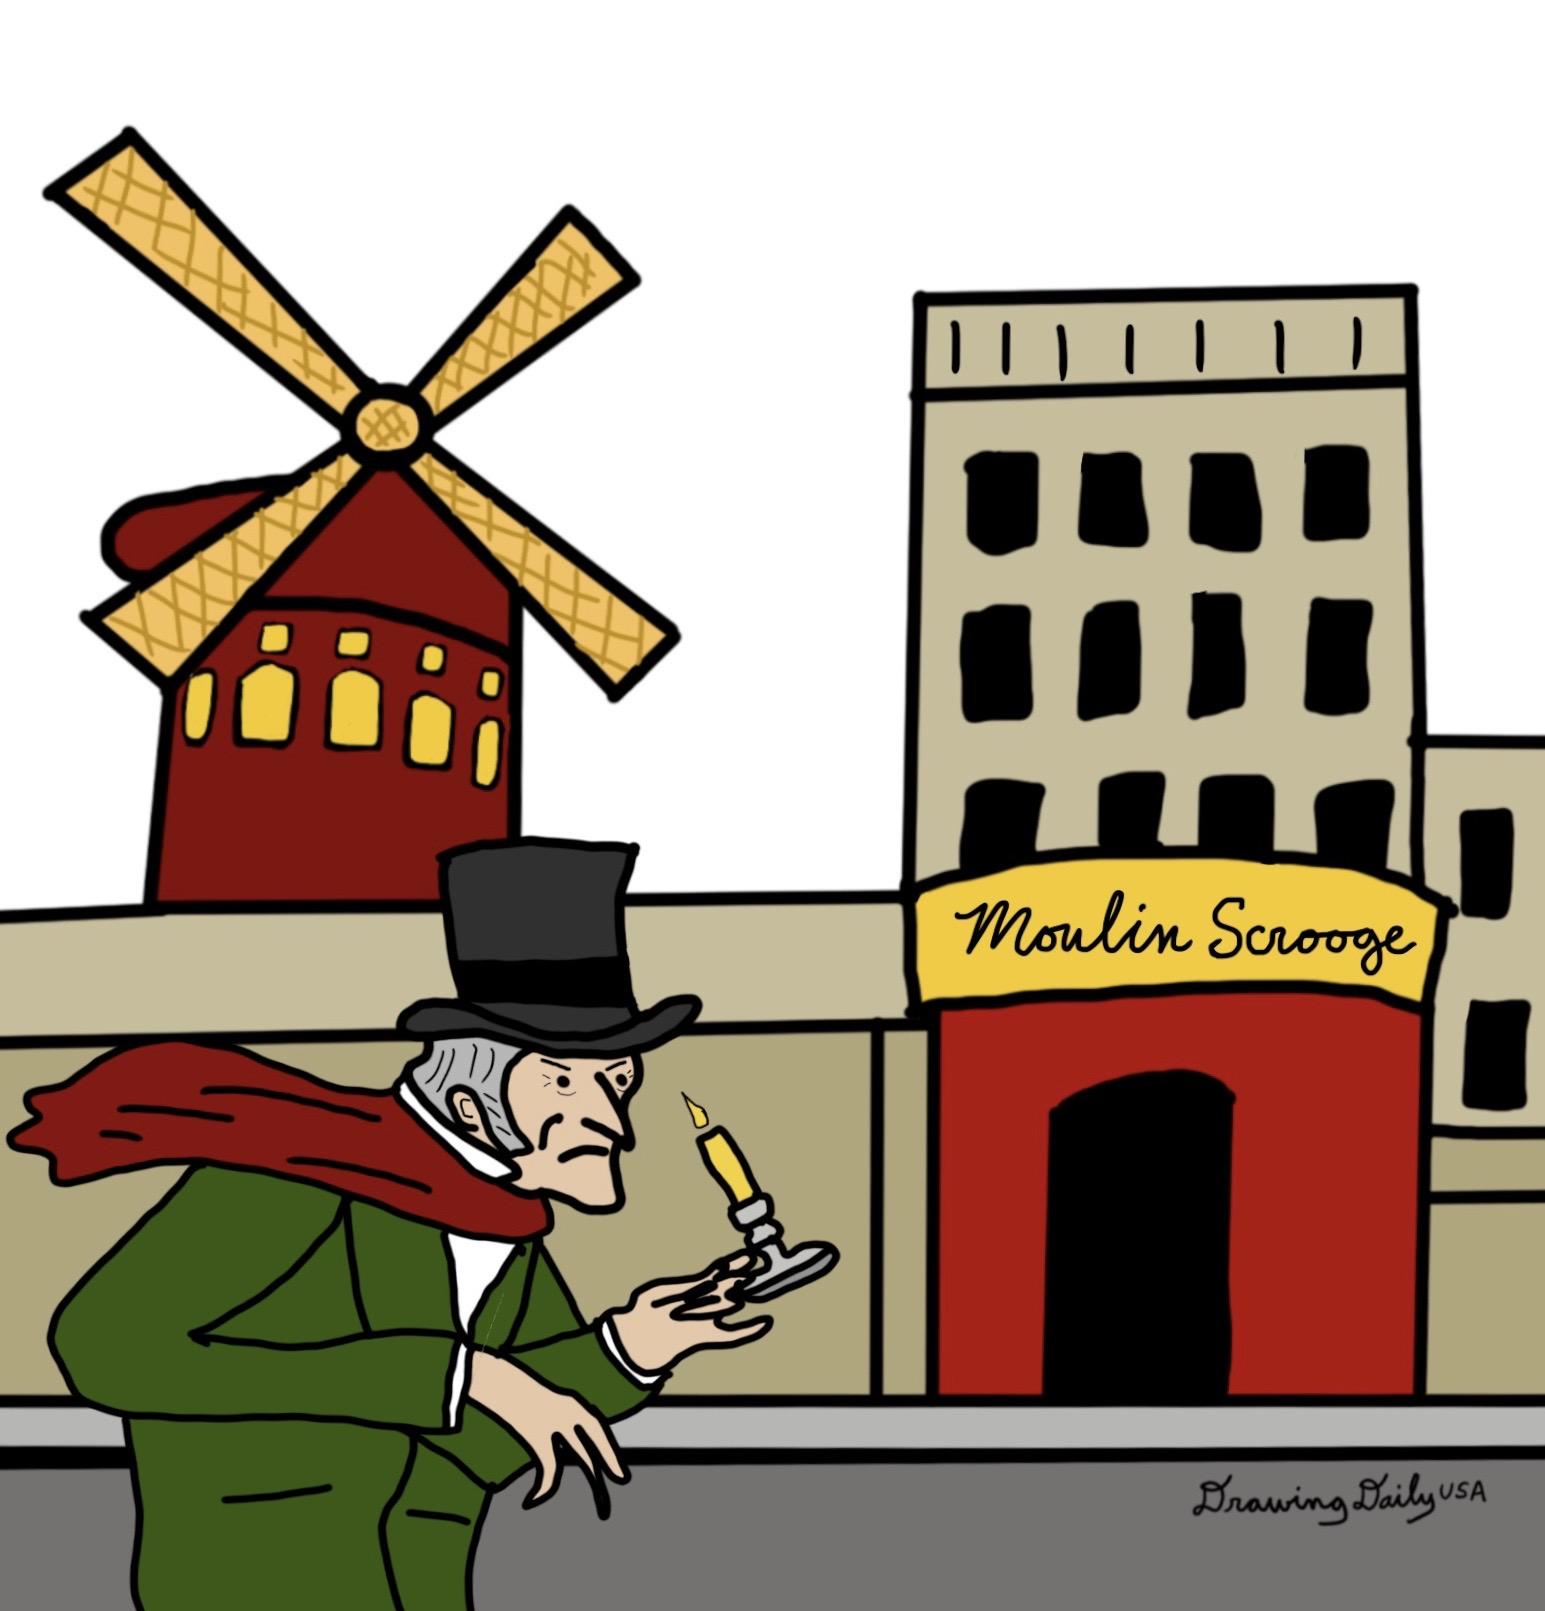 Moulin Scrooge